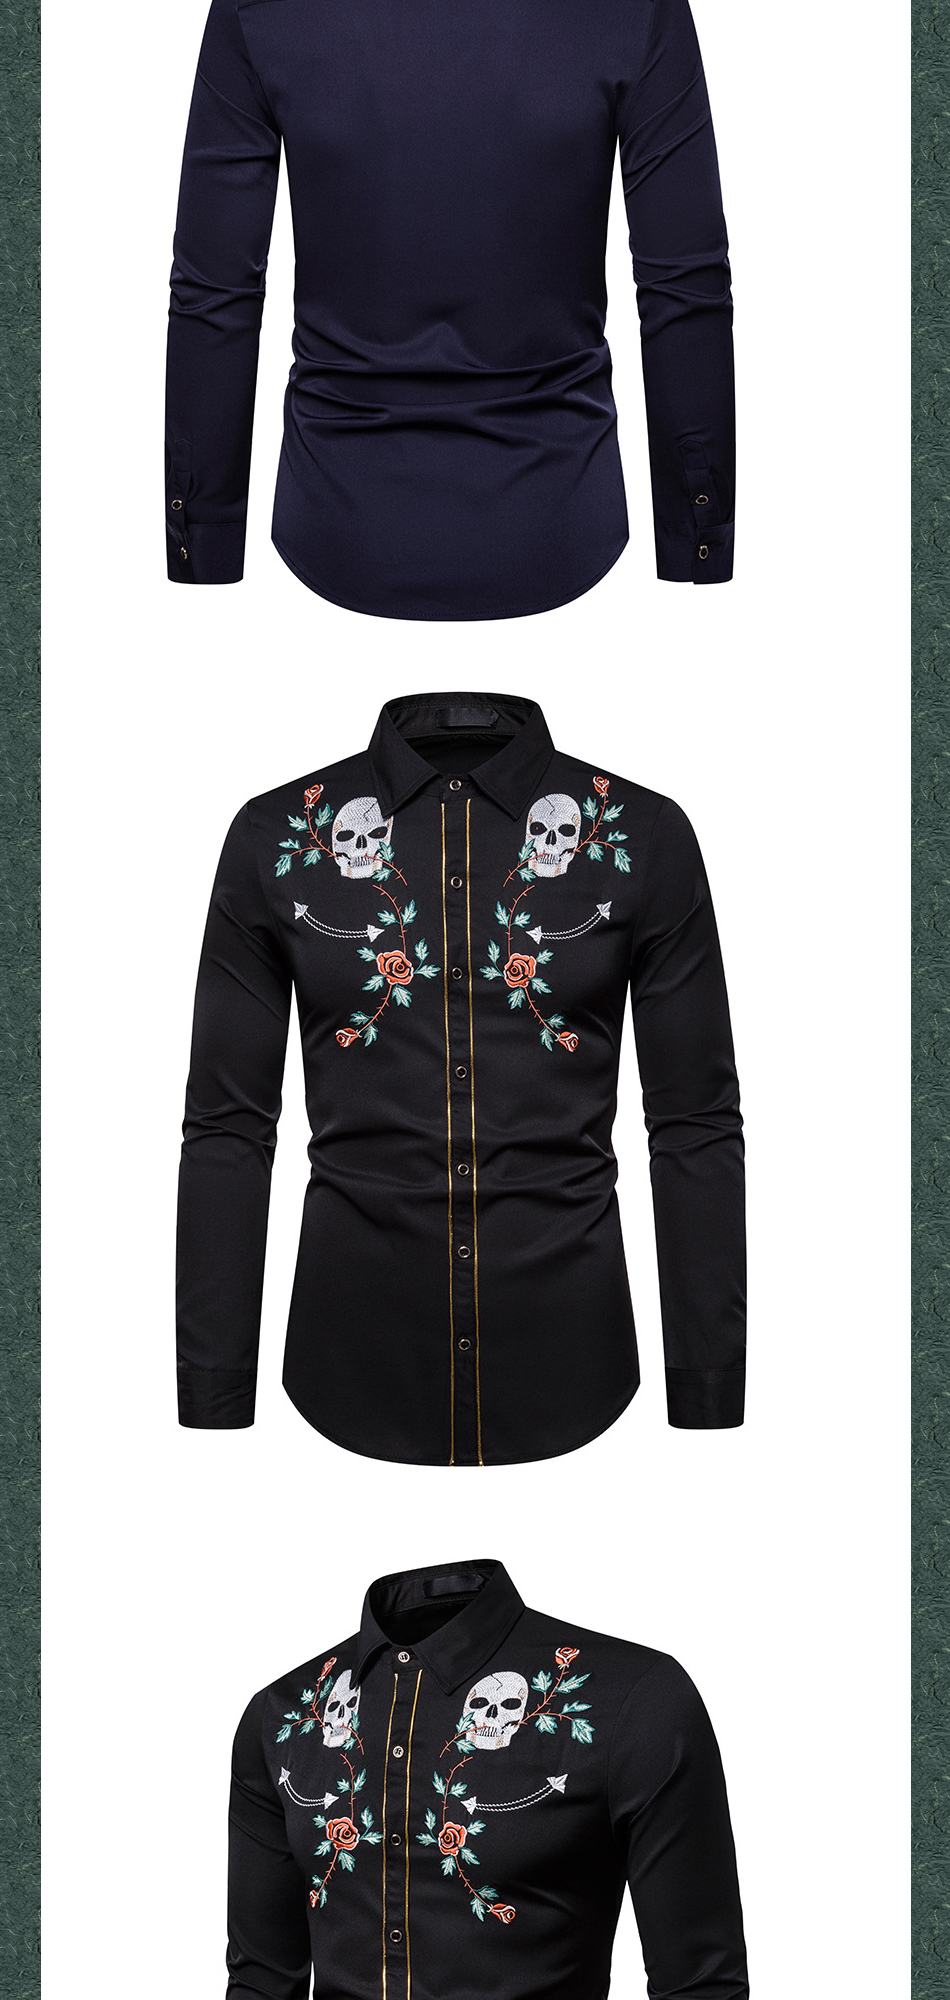 skeleton Rose Embroidered camisa Long Sleeve Shirt Autumn Shirt Korean Hair Stylist 2020 New Men's Shirt chemise homme